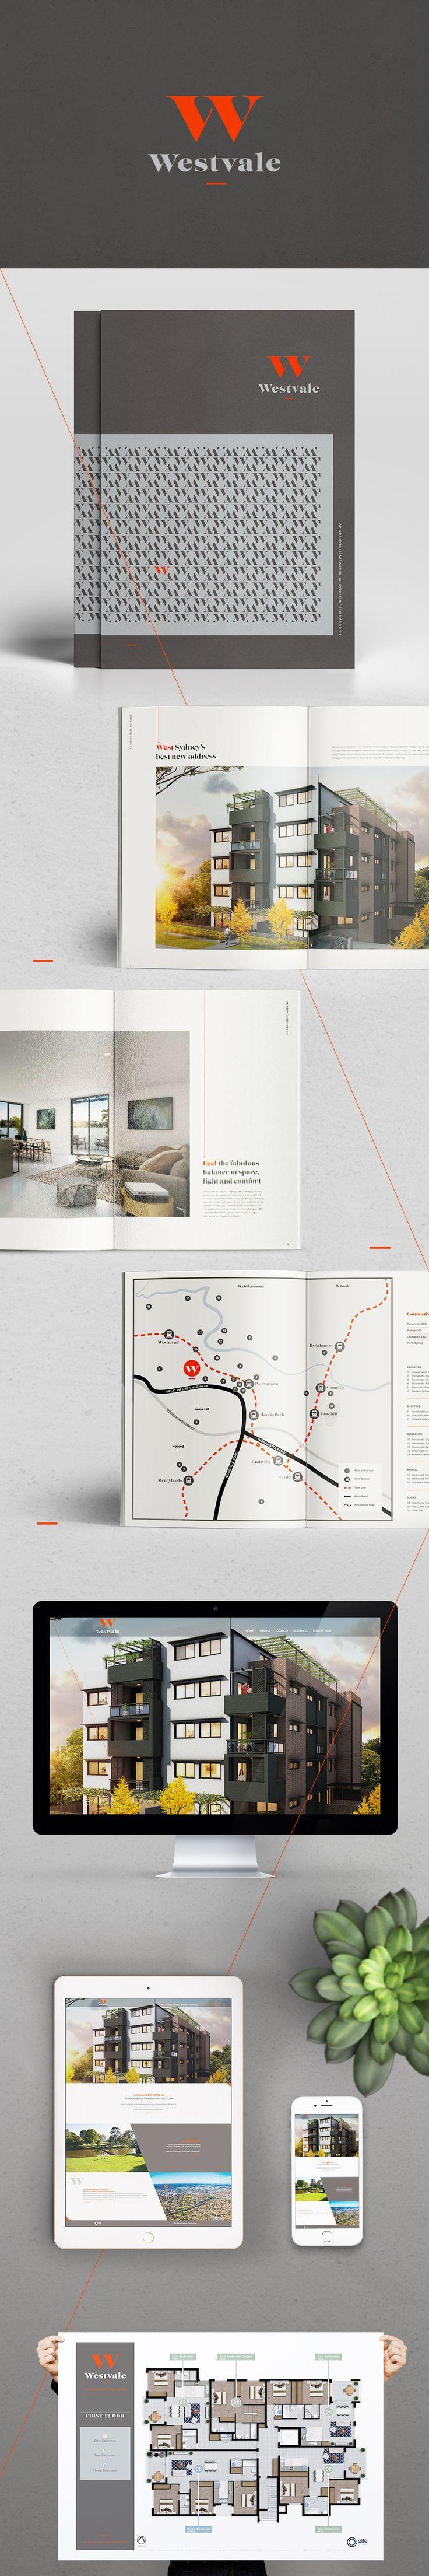 The Westvale W … # 60 Projets de maisons #Aventure #architecture #capitalofculture #Pays #le #d …